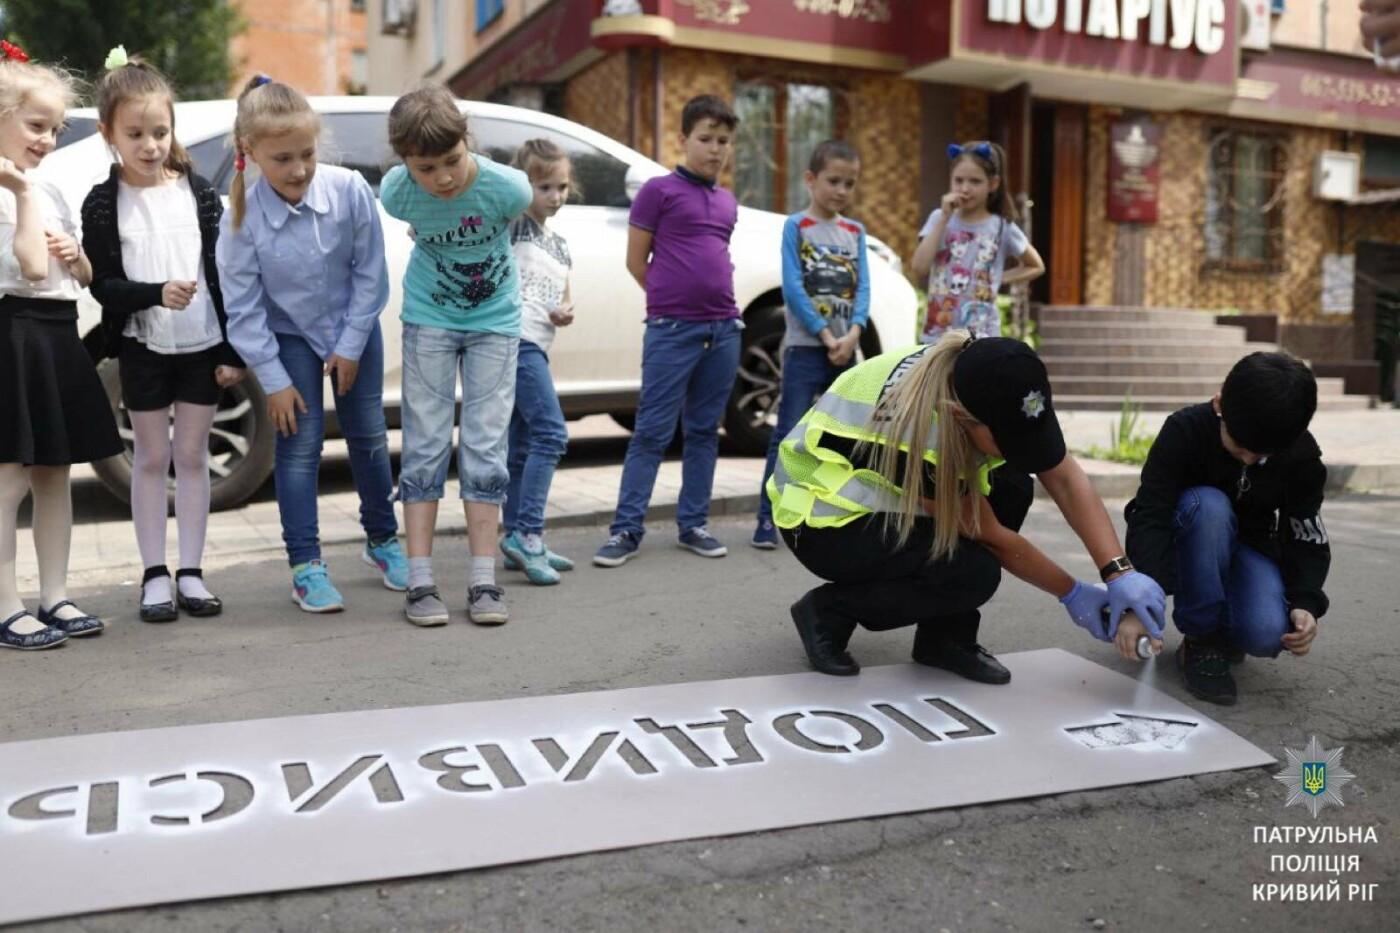 """""""Возьми ребенка за руку"""", """"Сними наушники"""" - в Кривом Роге появились надписи для пешеходов, - ФОТО, фото-10"""